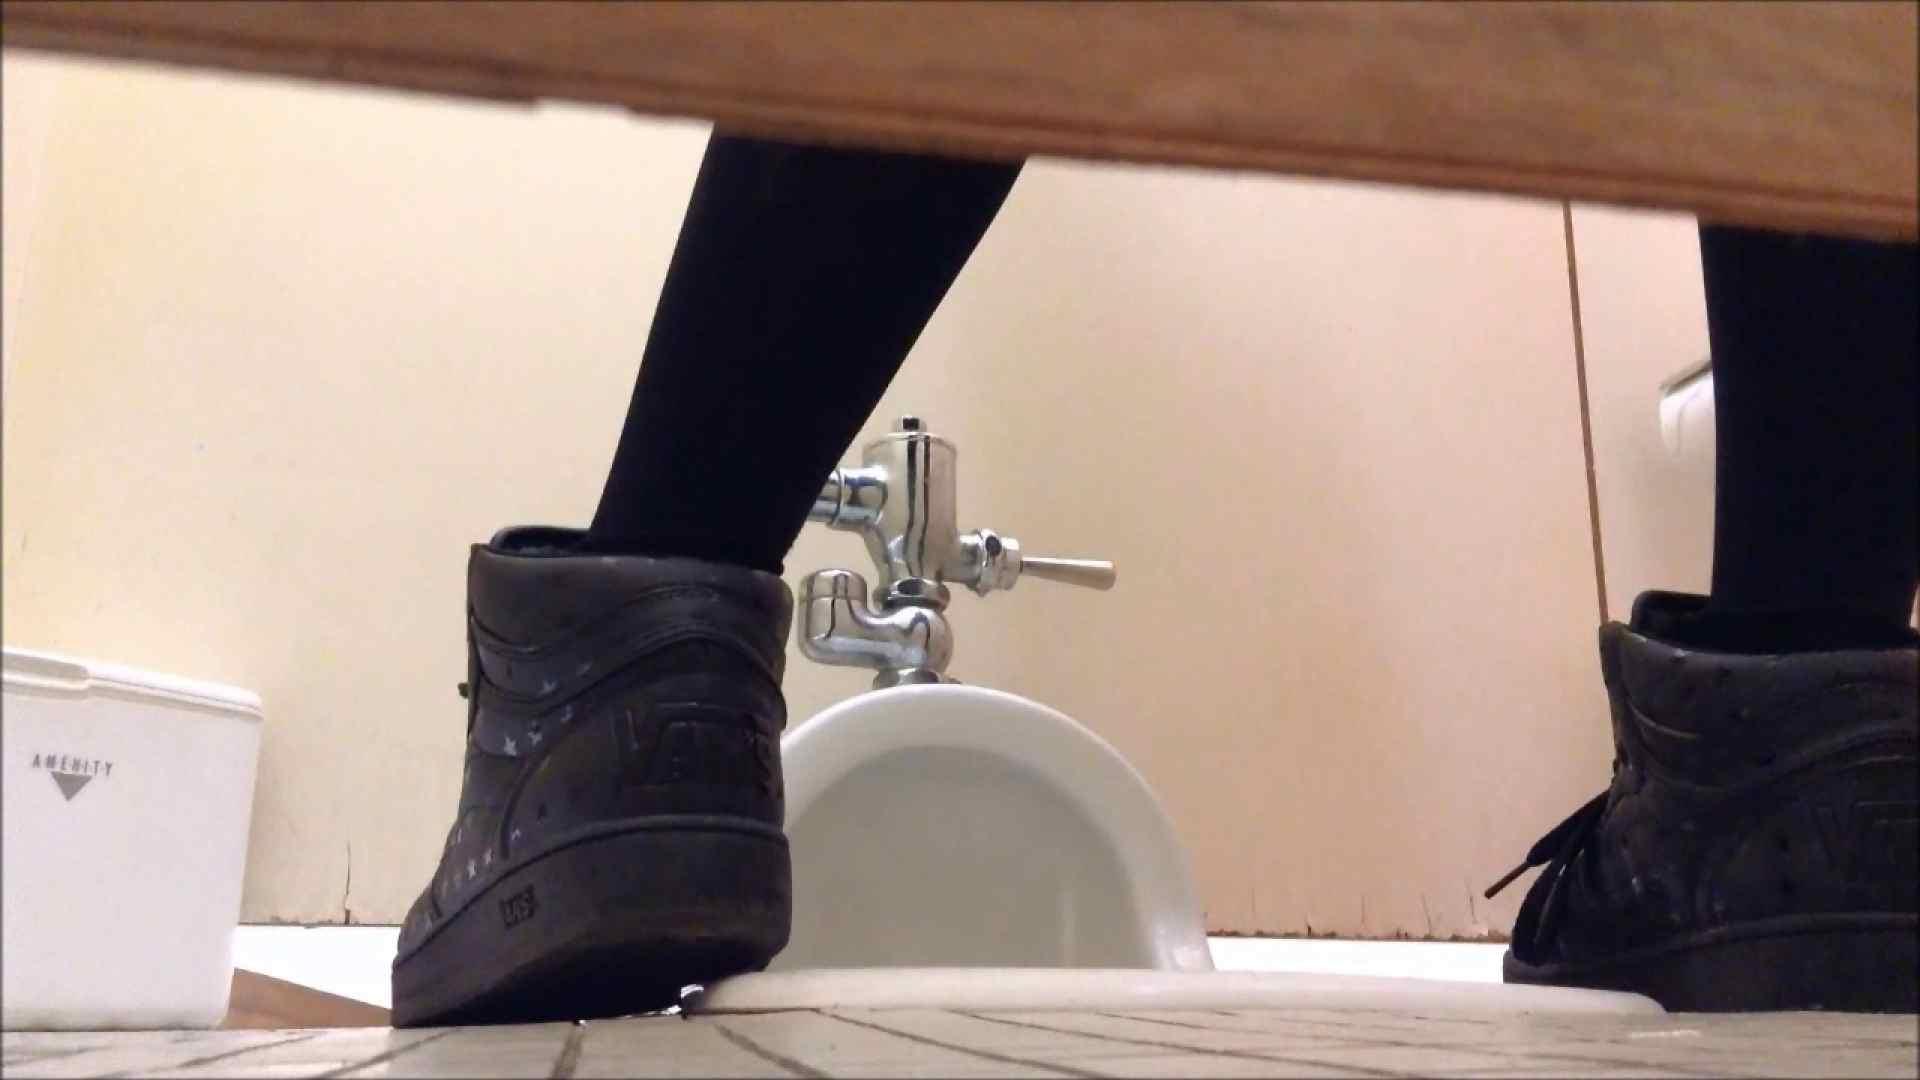 某有名大学女性洗面所 vol.13 OLのボディ エロ画像 105PIX 27